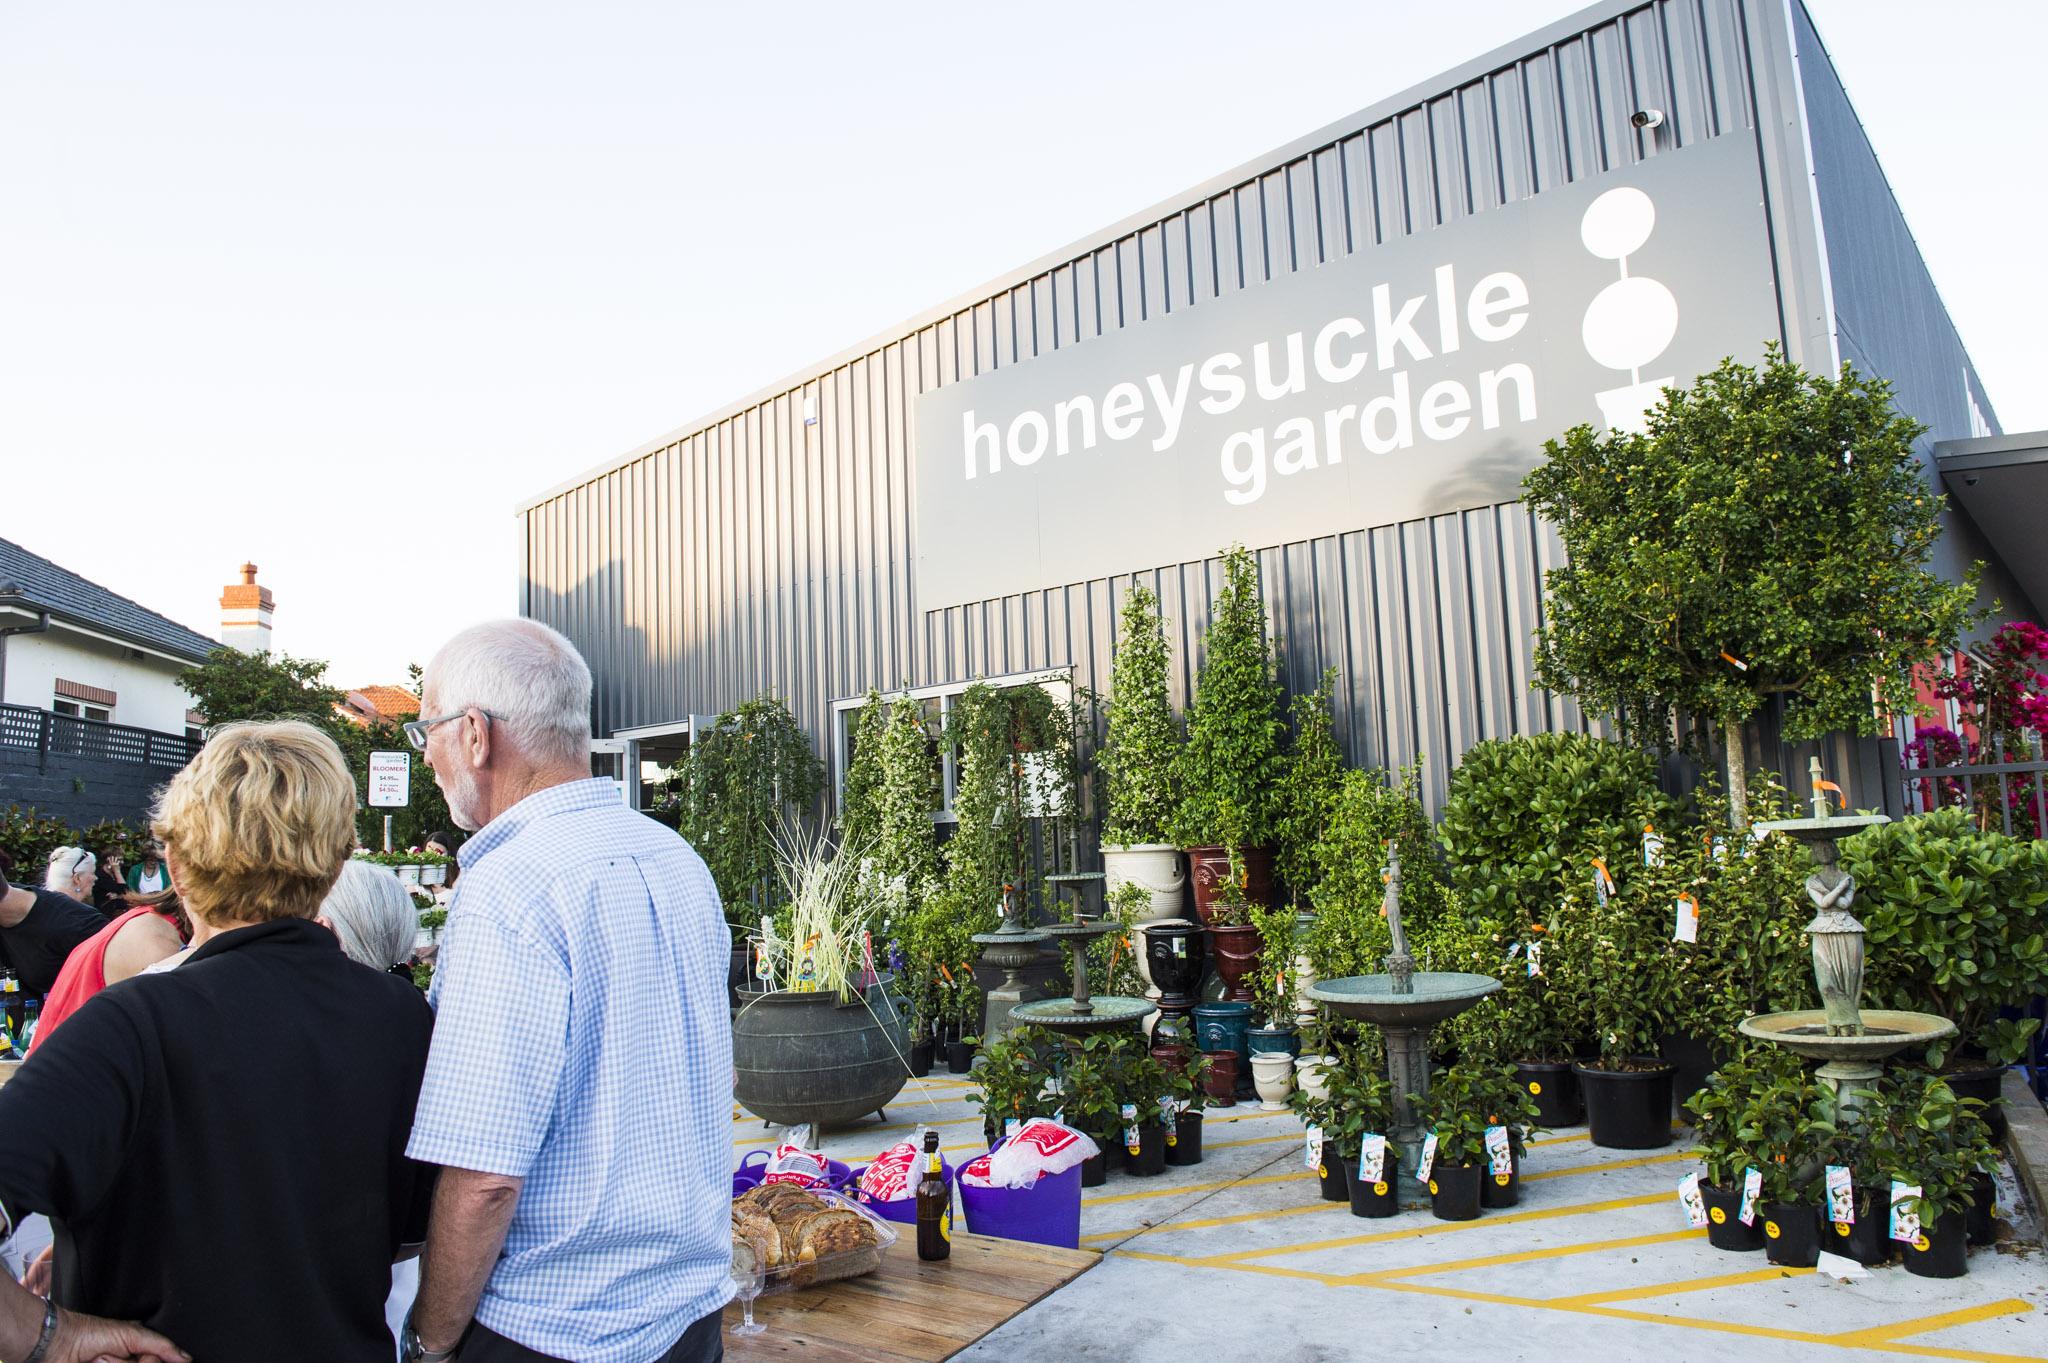 151016-HoneySuckleGarden-Event-WebRes-2347.jpg